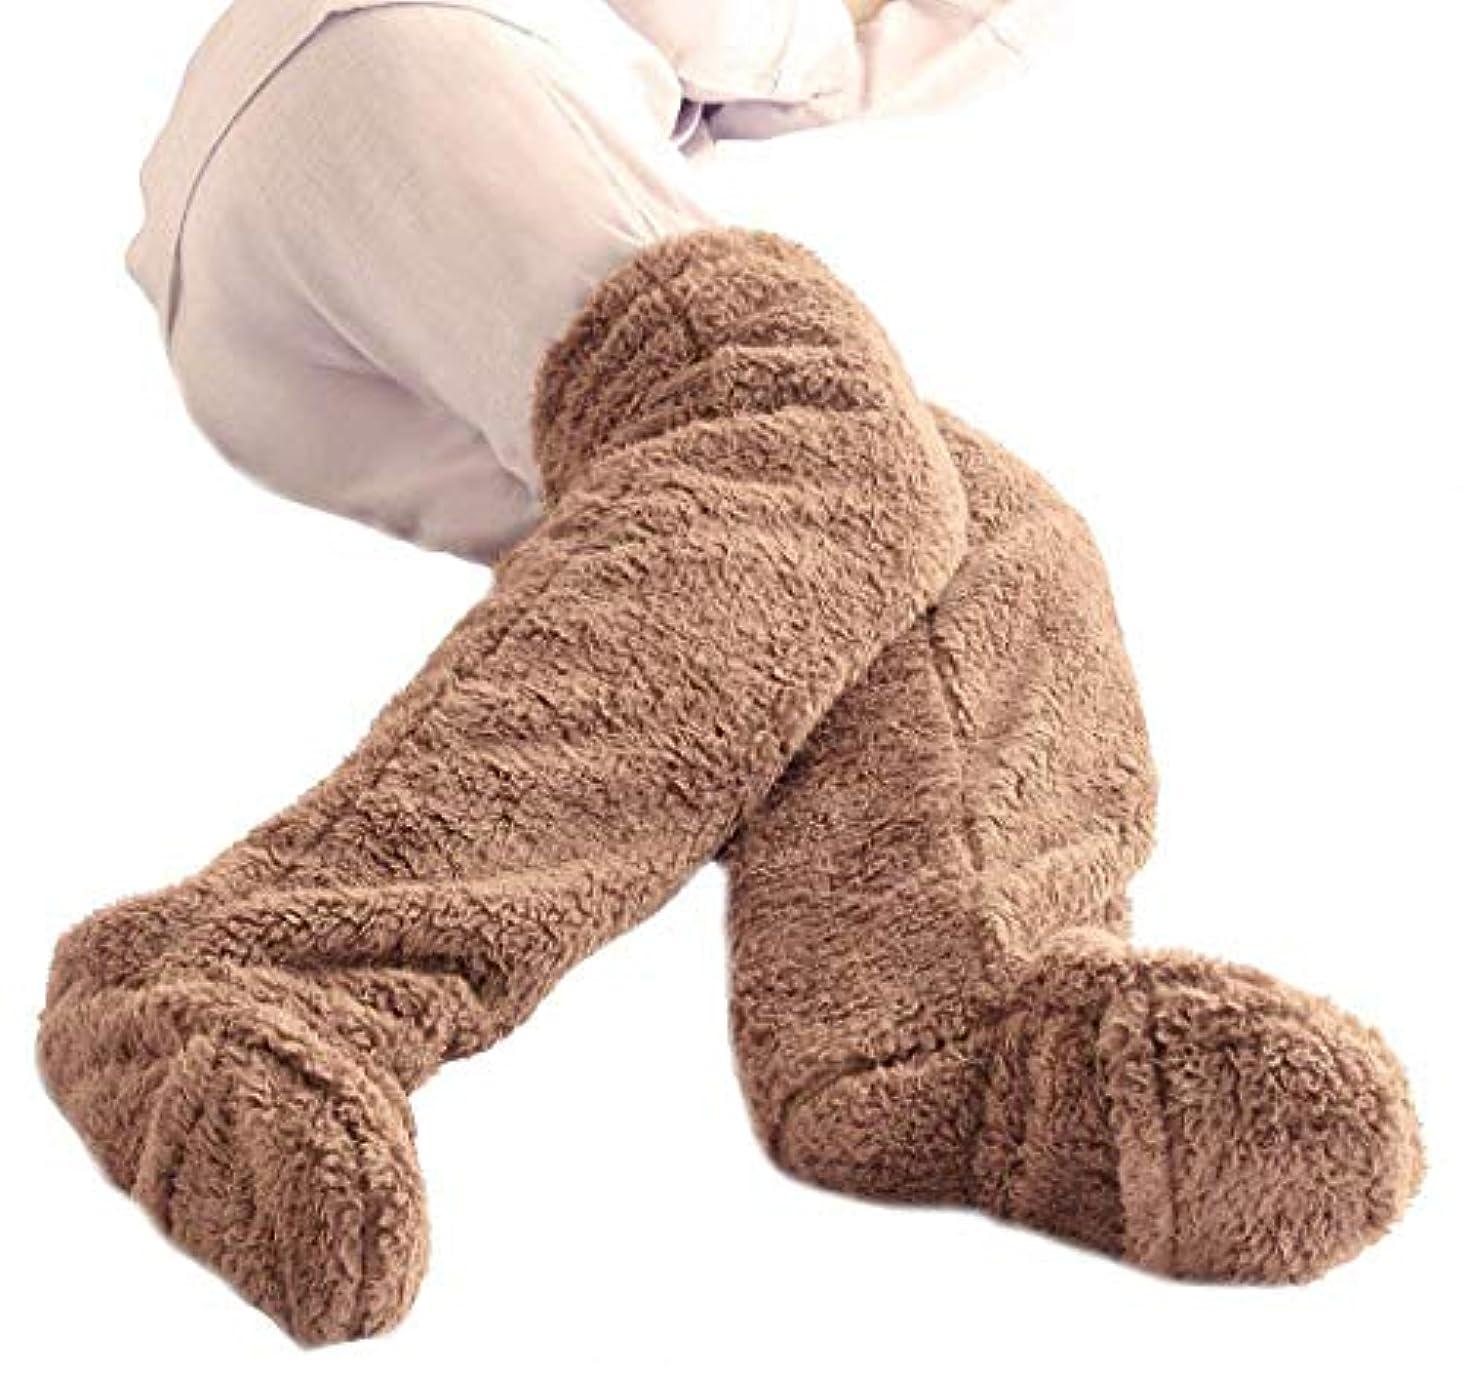 ウイルス名前で道路フリース生地 室内履き 足が出せるロングカバー 軽量ヒートソックス 歩ける ロングカバー 極暖 ルームソックスルームシューズ